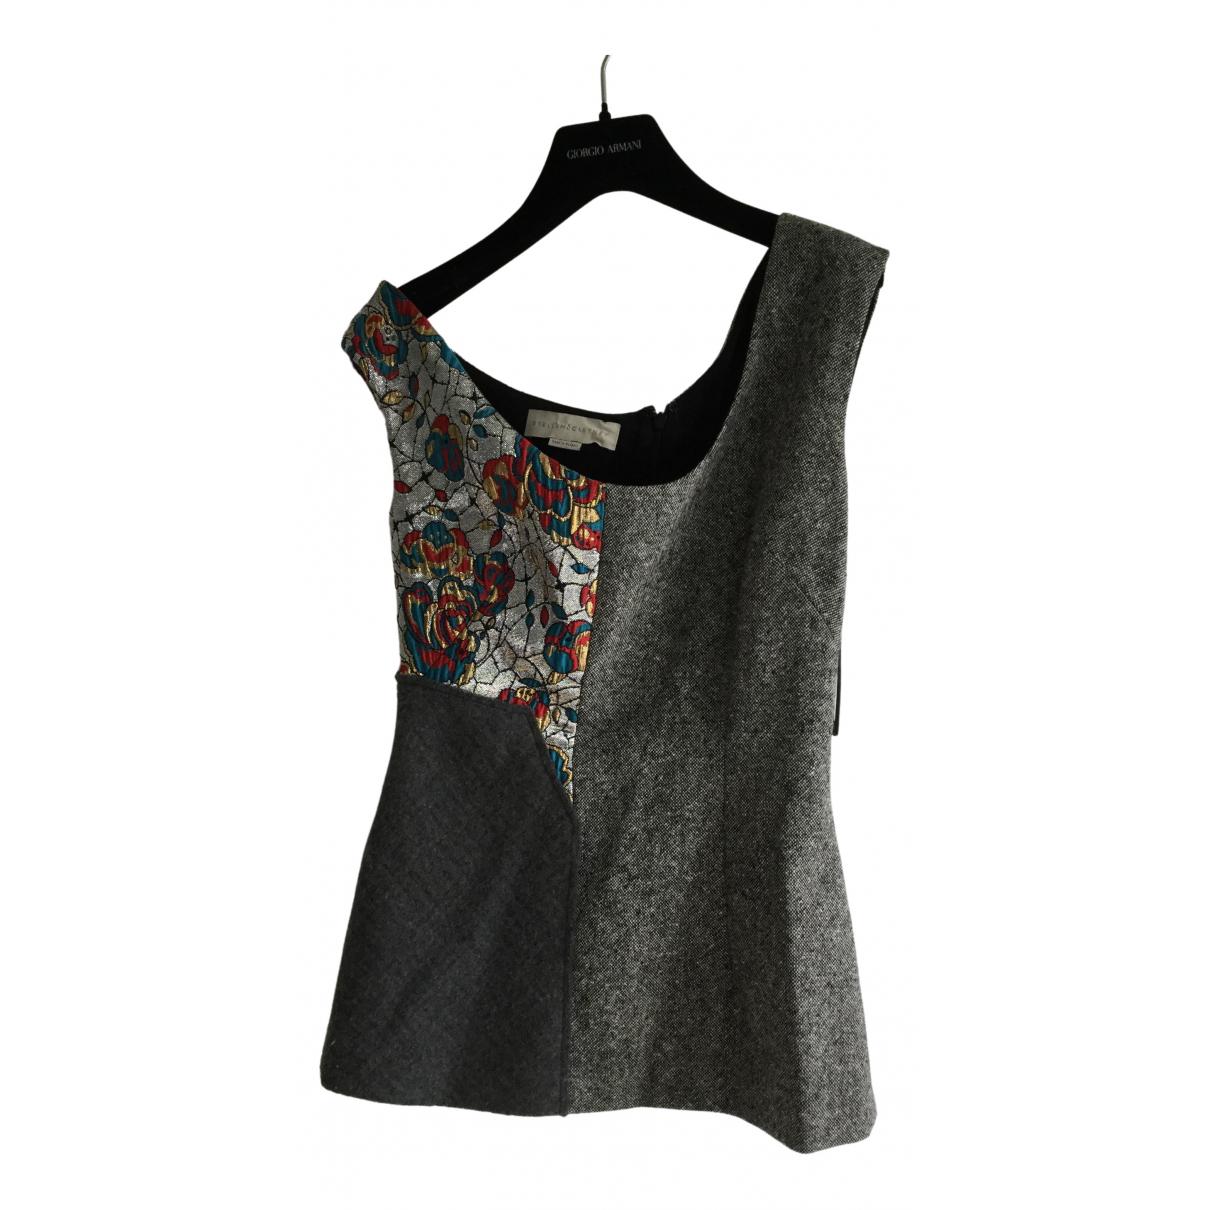 Stella Mccartney - Top   pour femme en coton - multicolore